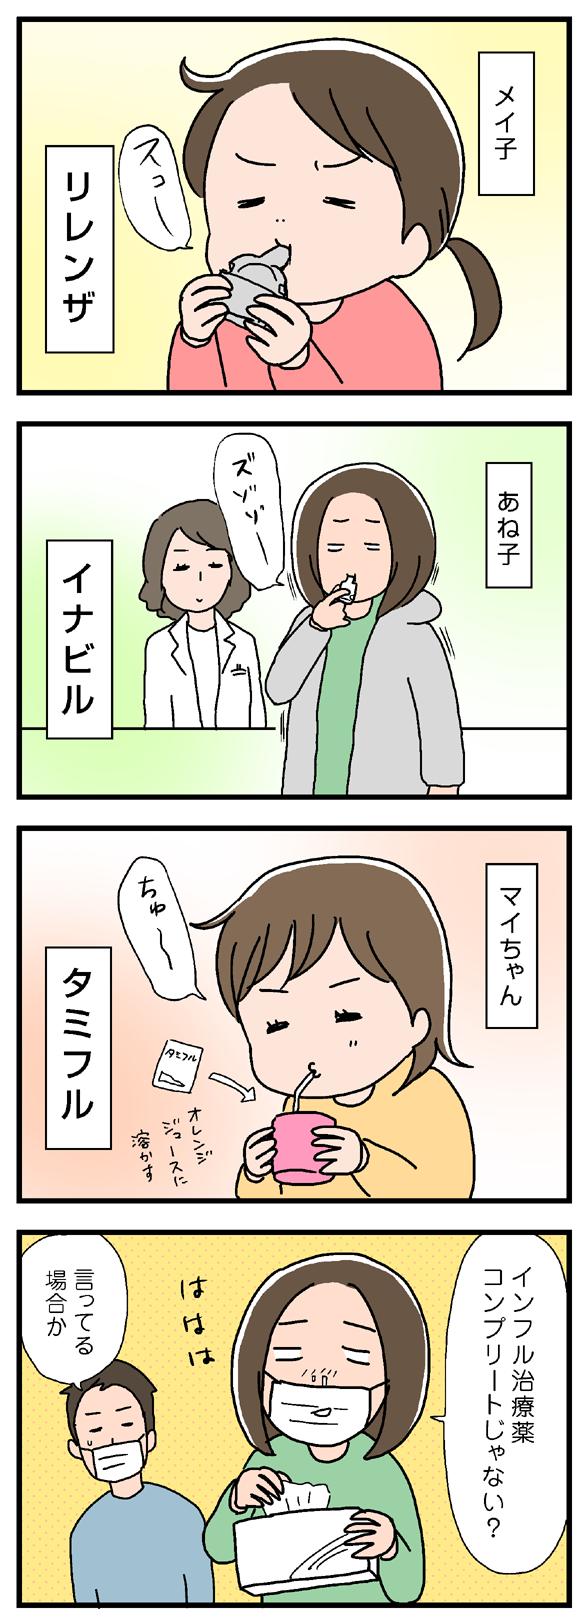 icchomae291